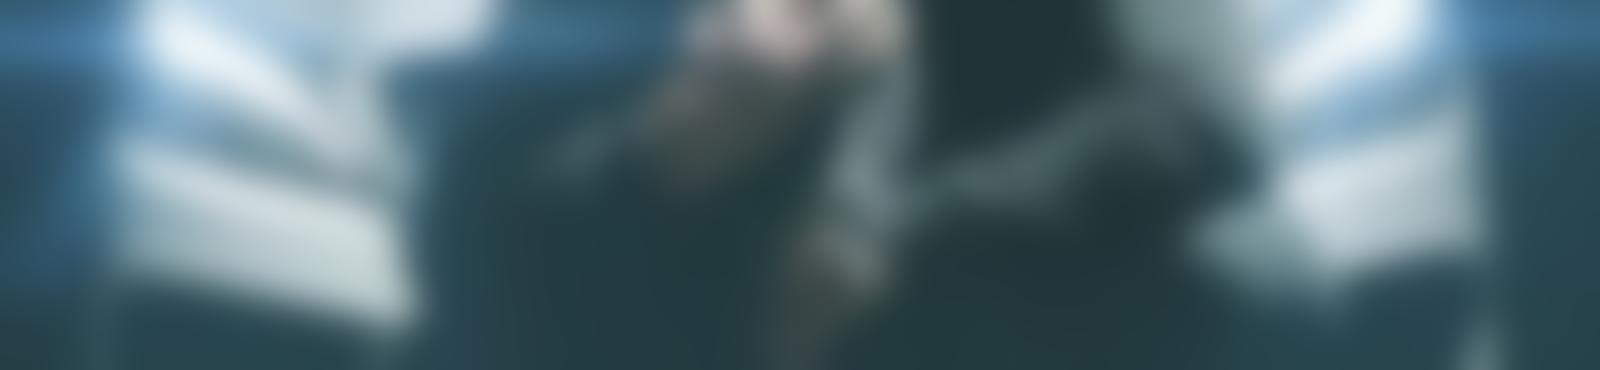 Blurred 75d96c12 510b 47ca 81de 6ac51b16dee8